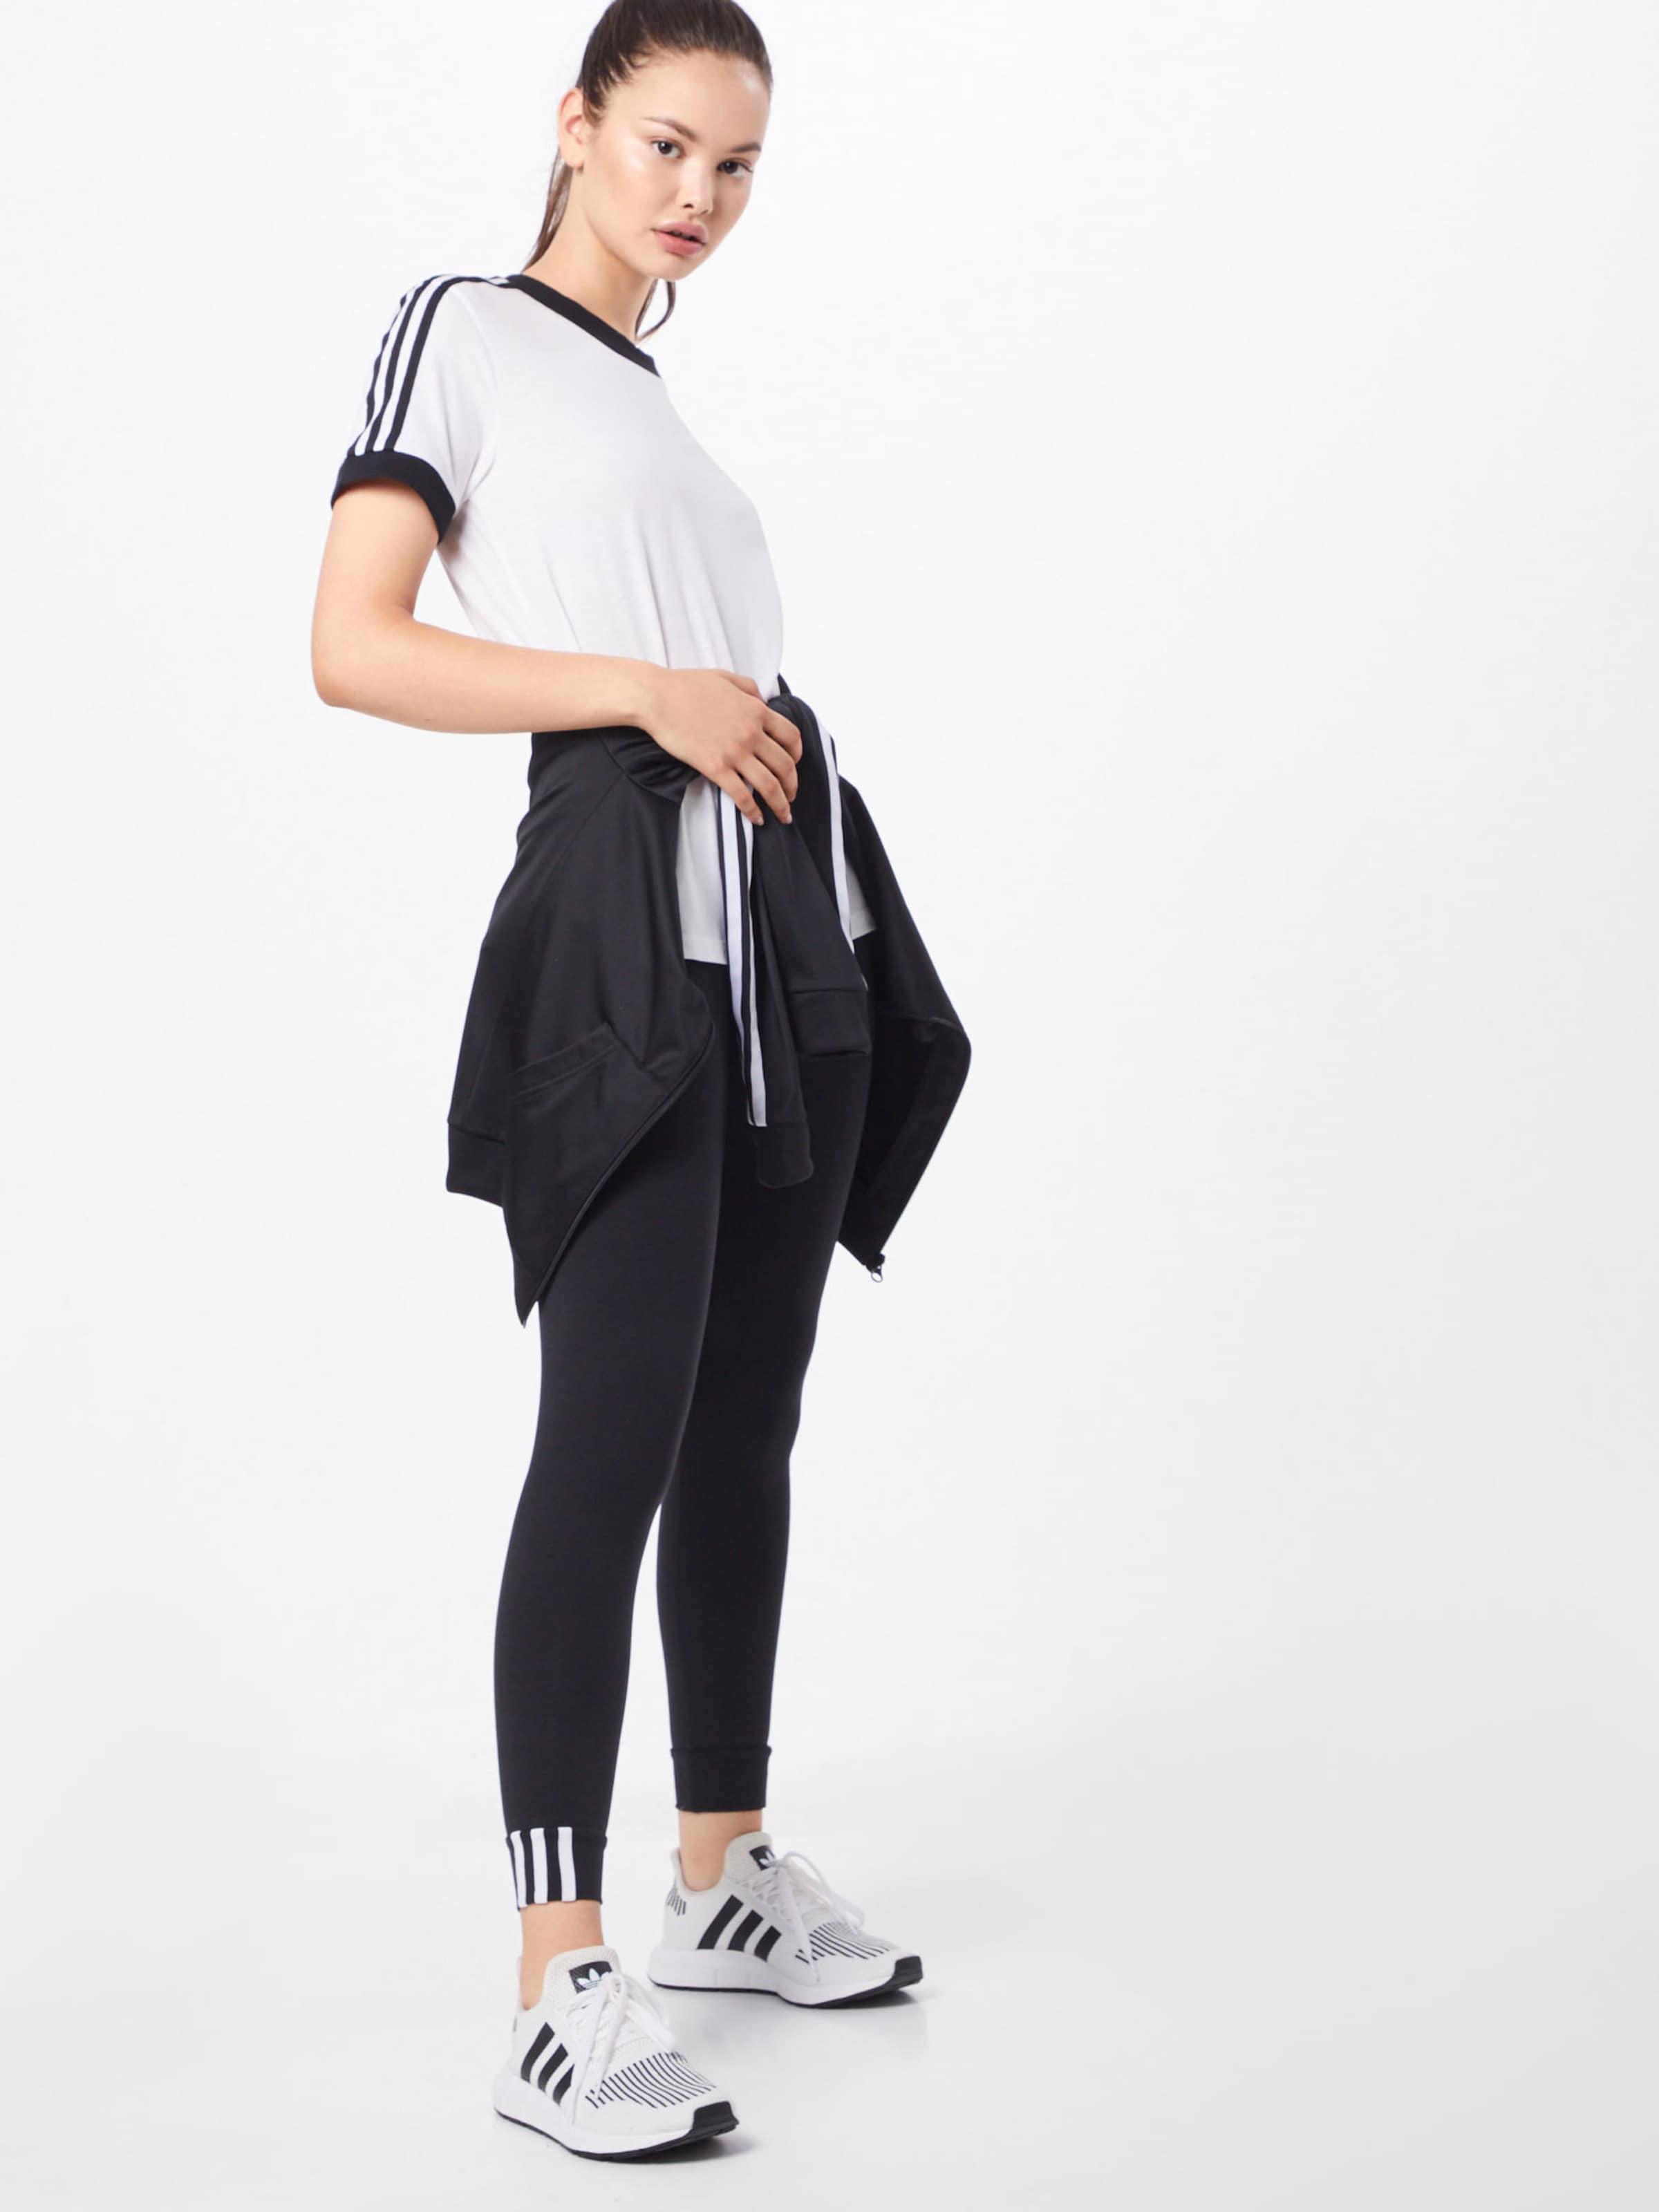 Originals Str Tee' In SchwarzWeiß '3 Adidas T shirt TcFK1lJ